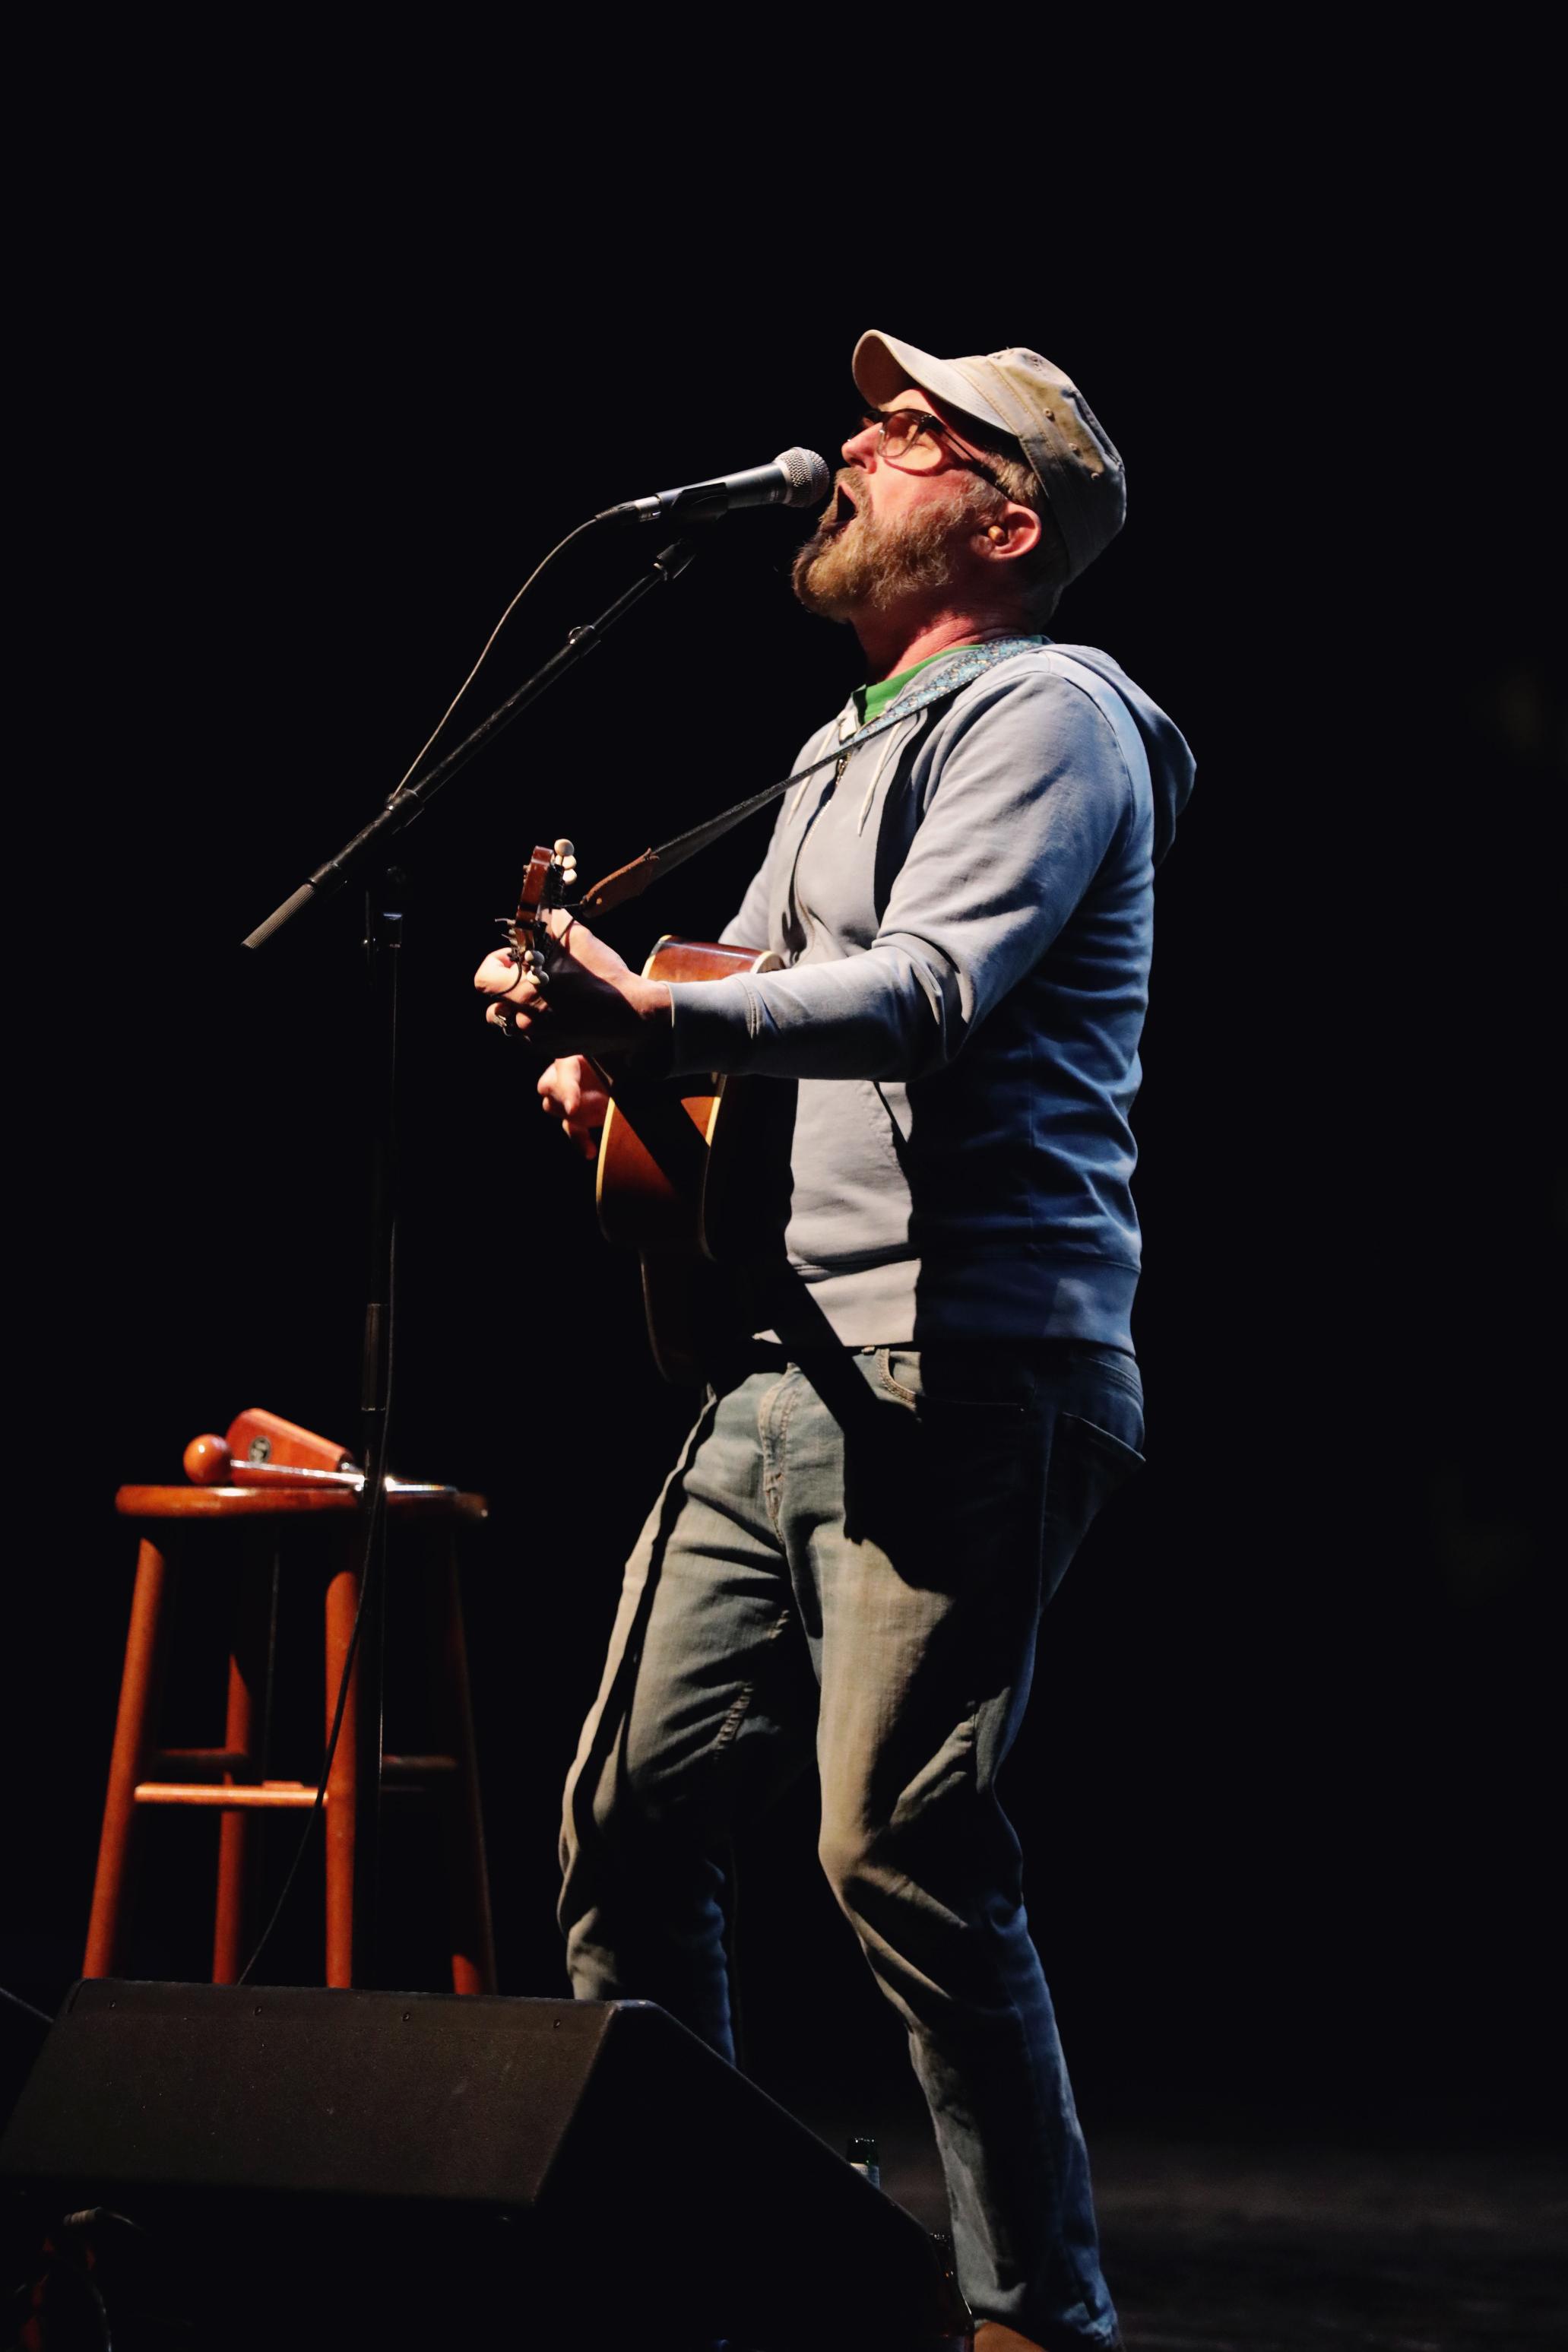 Lead singer John McCrea for CAKE. Photo: Lmsorenson.net